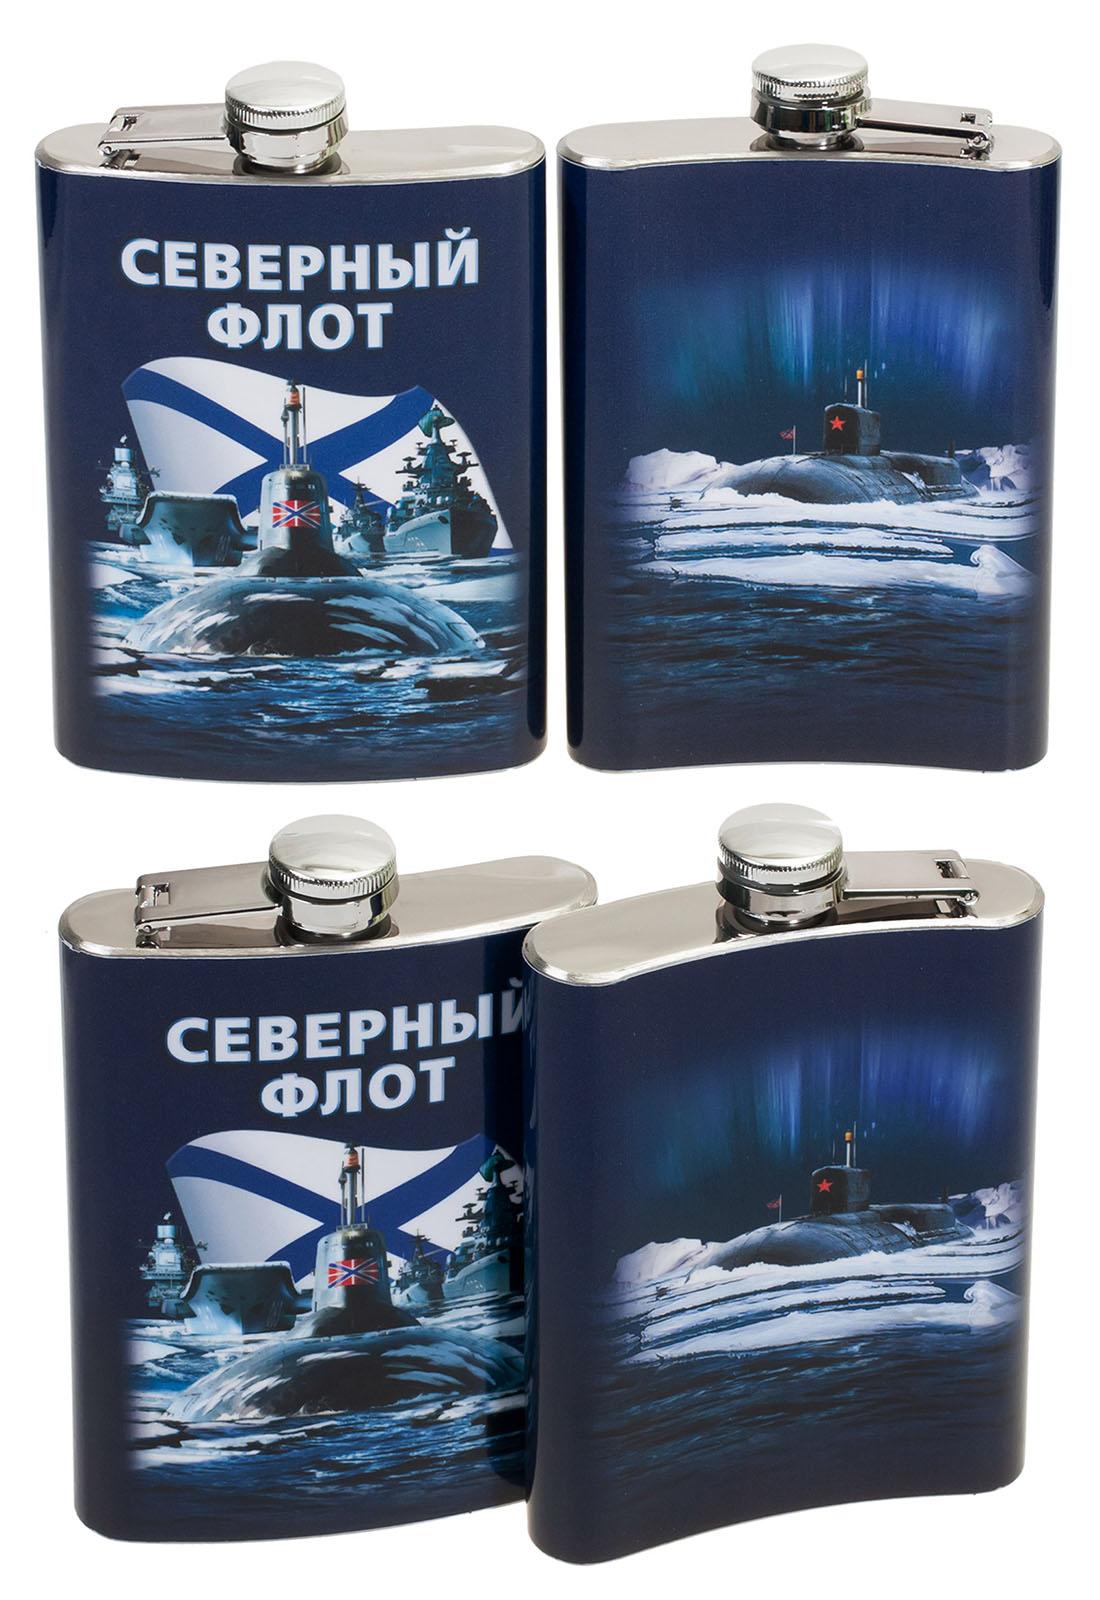 Фляжка Северный флот России с доставкой